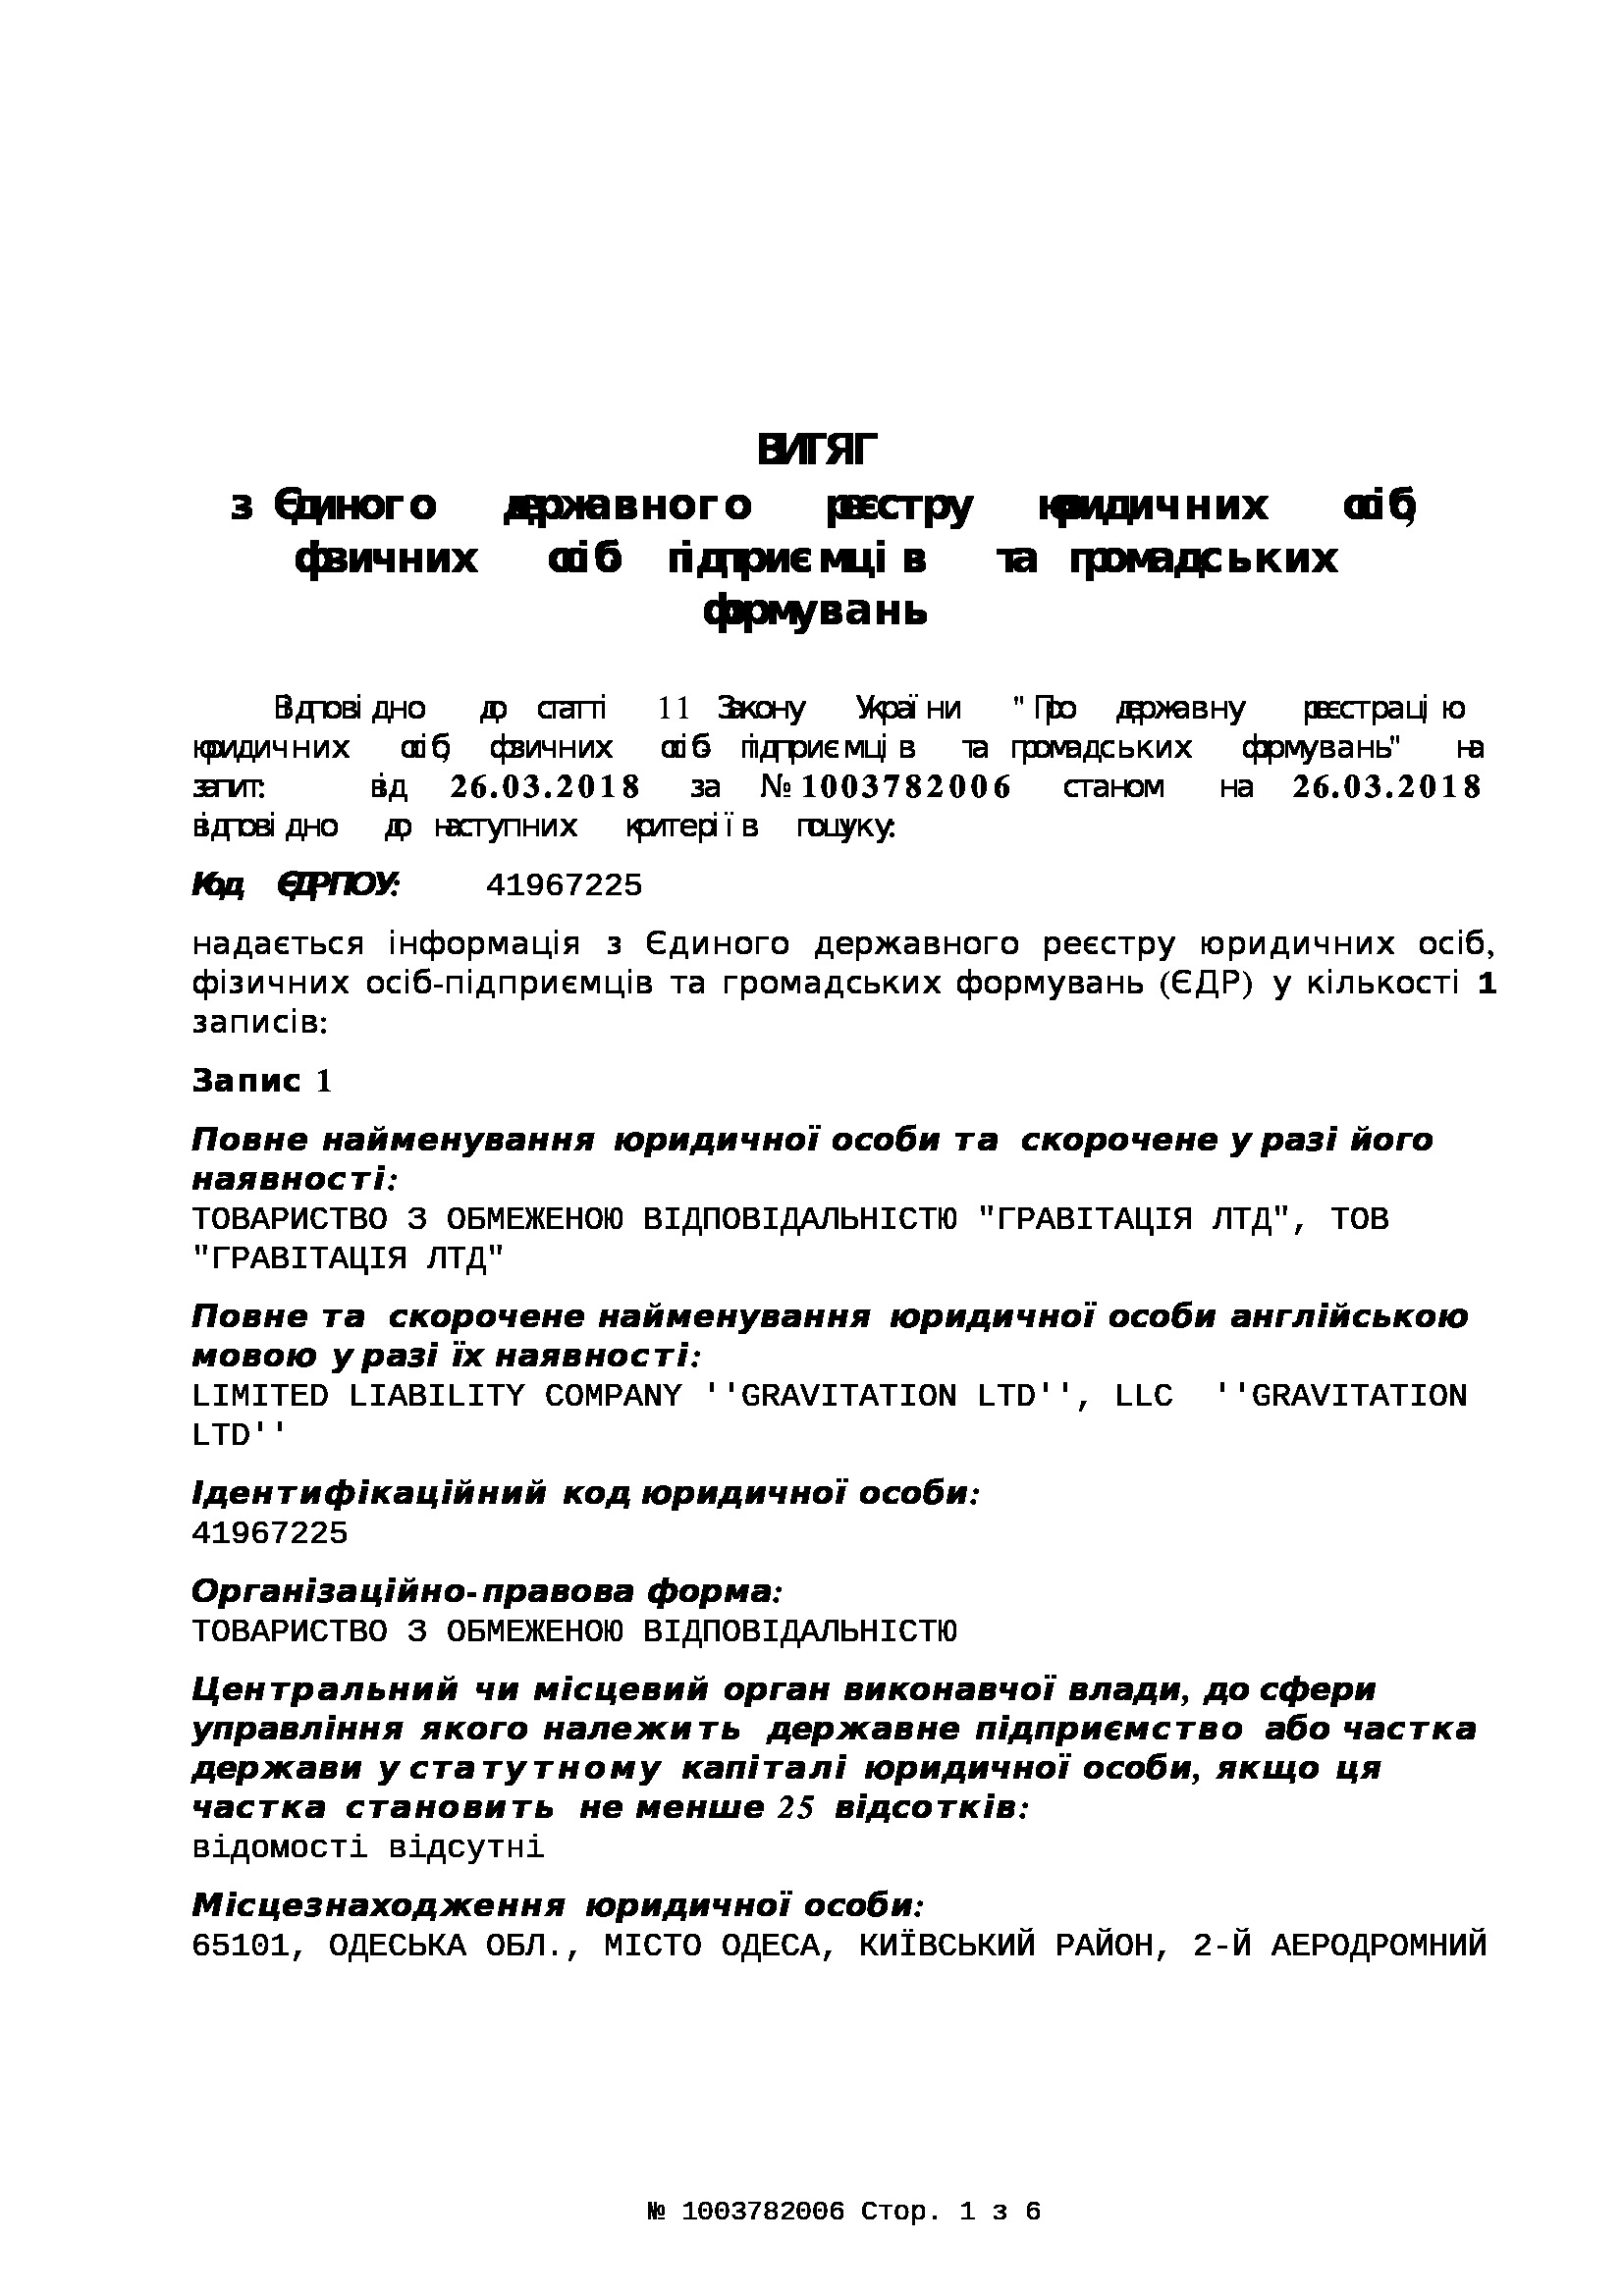 ГРАВИТАЦИЯ ЛТД, ООО